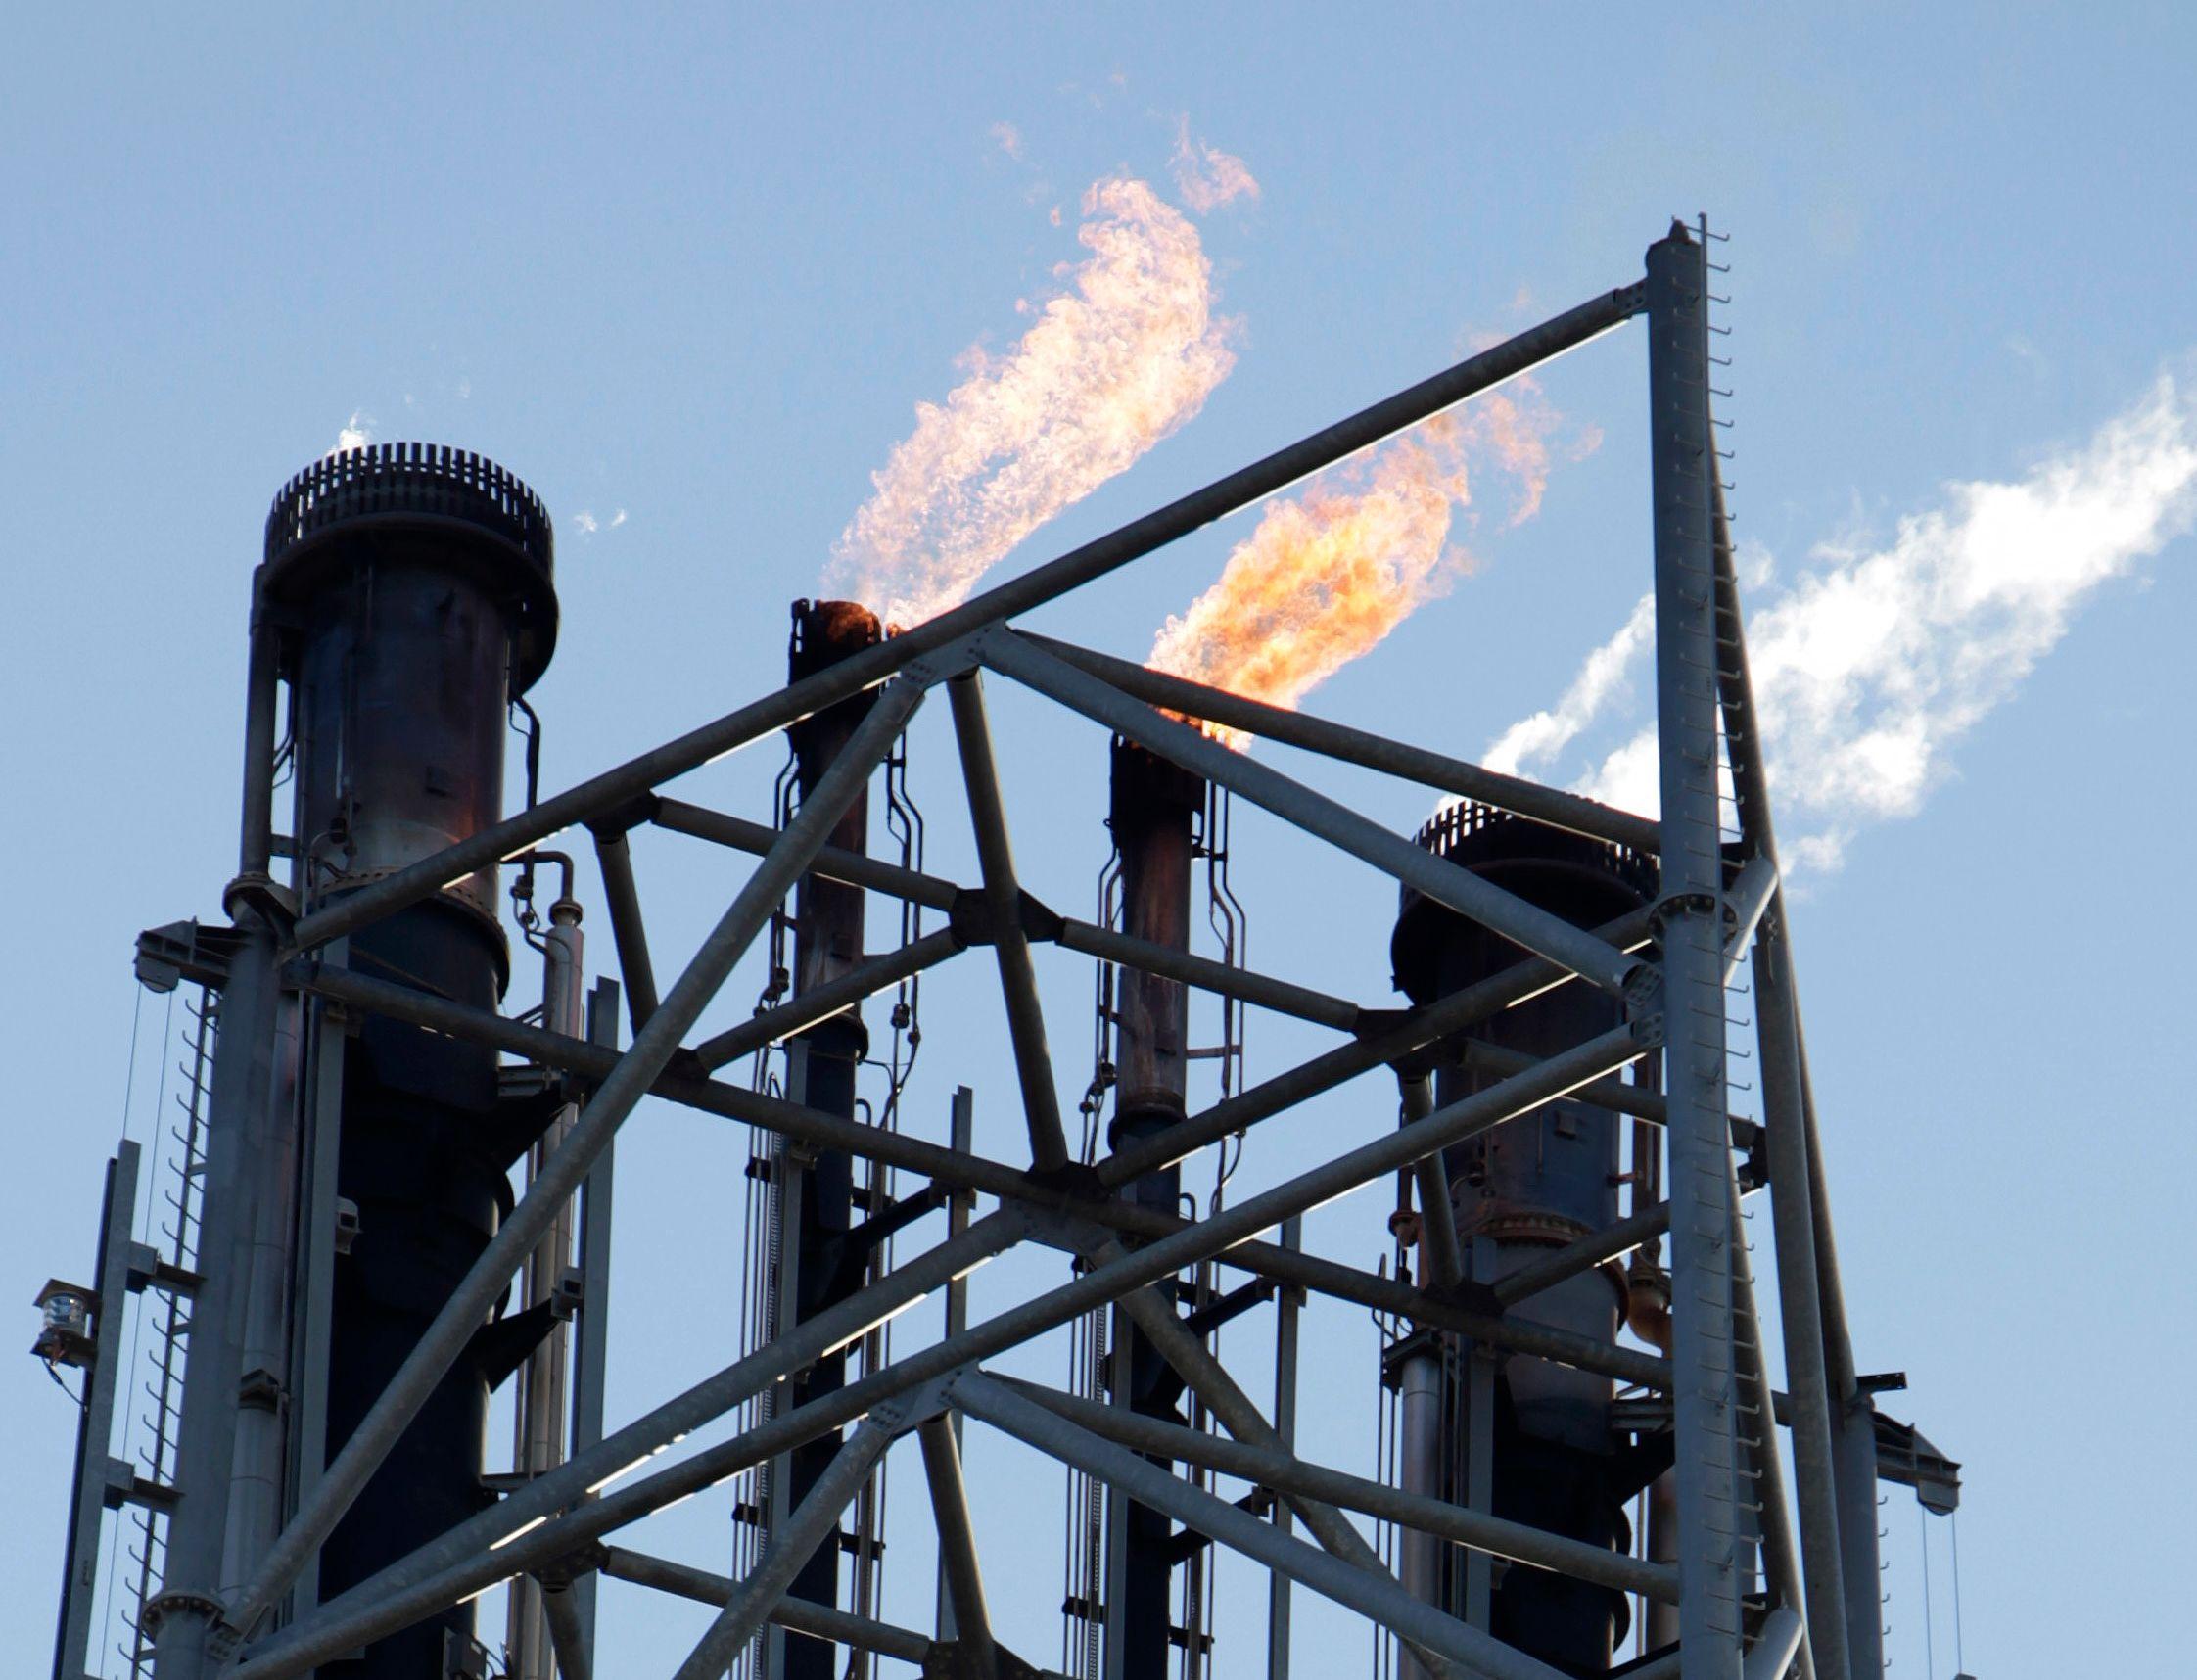 Le choc pétrolier à la baisse va-t-il atténuer la crise économique qui vient ou l'accentuer ?